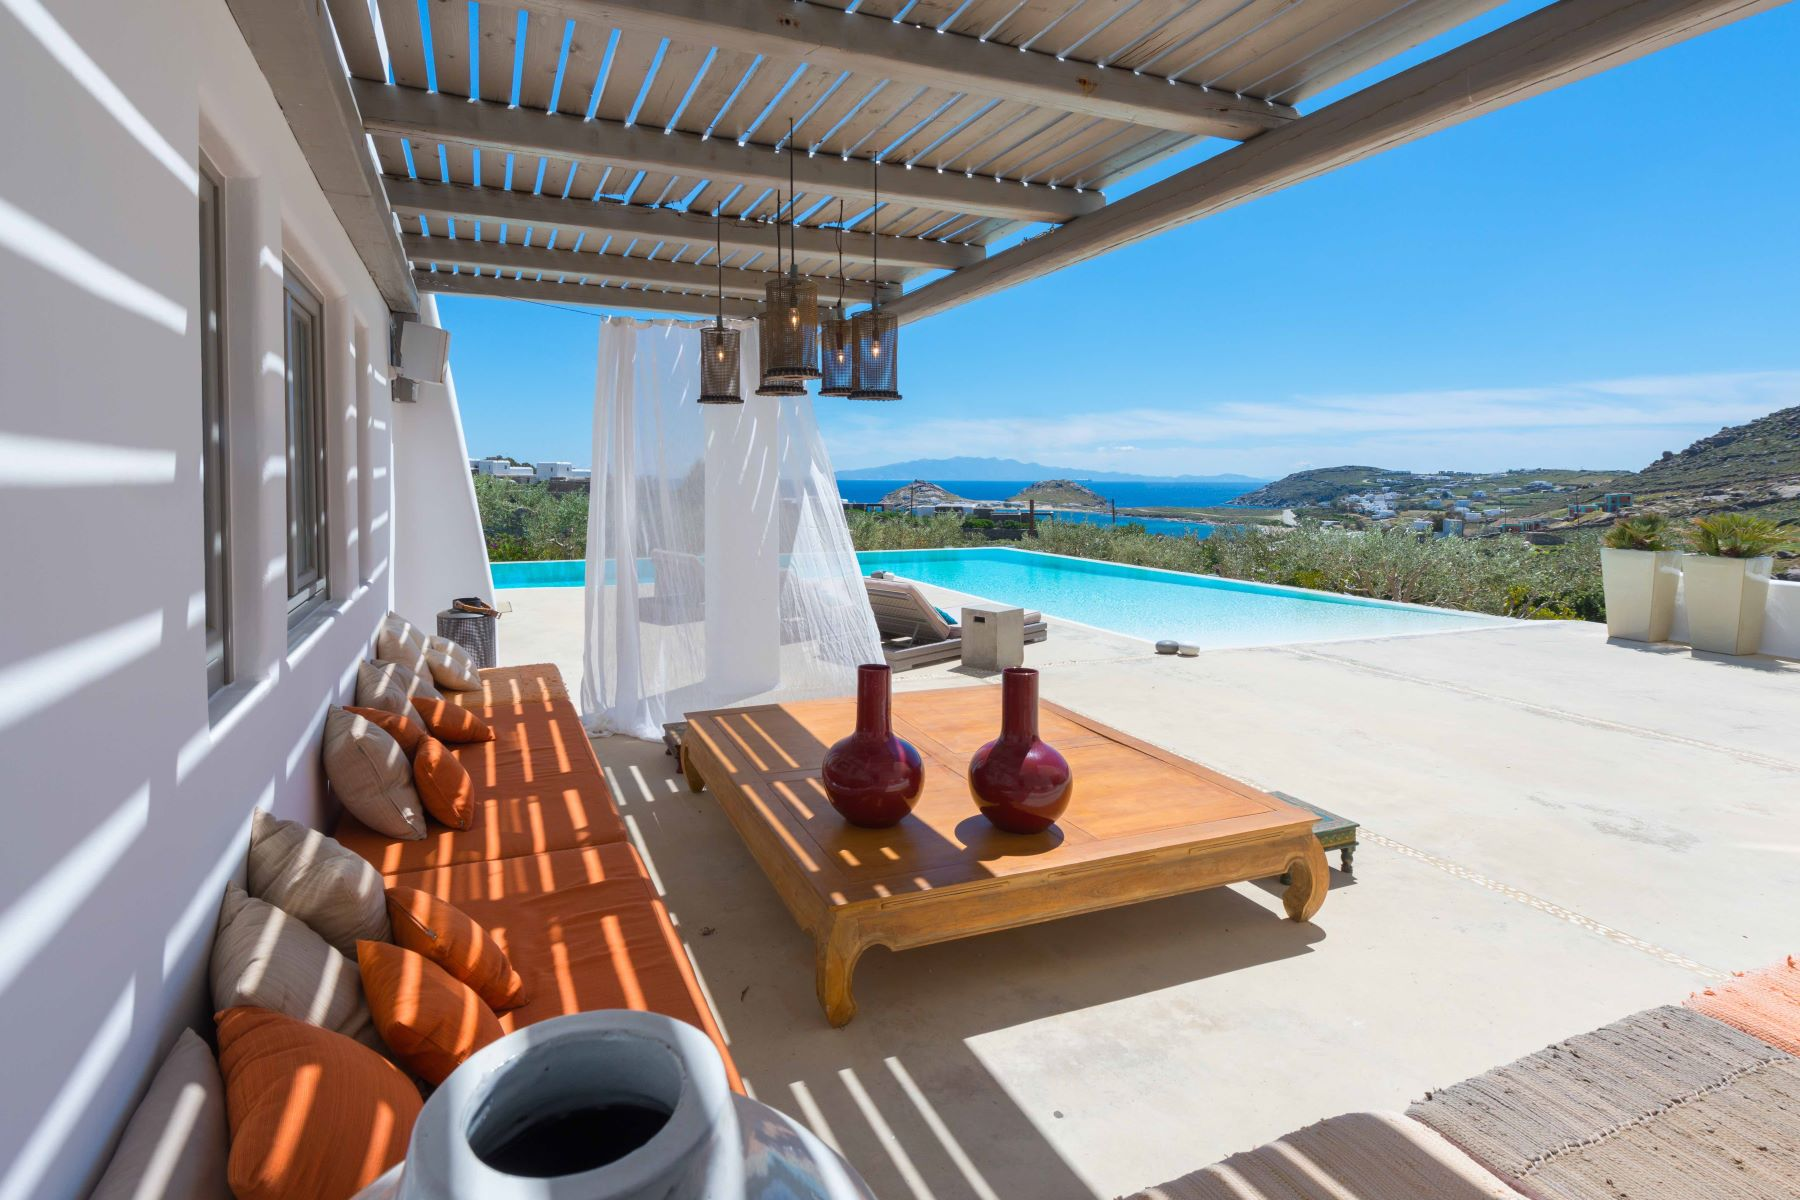 Casa Unifamiliar por un Alquiler en Deja Vu Mykonos, Egeo Meridional, Grecia